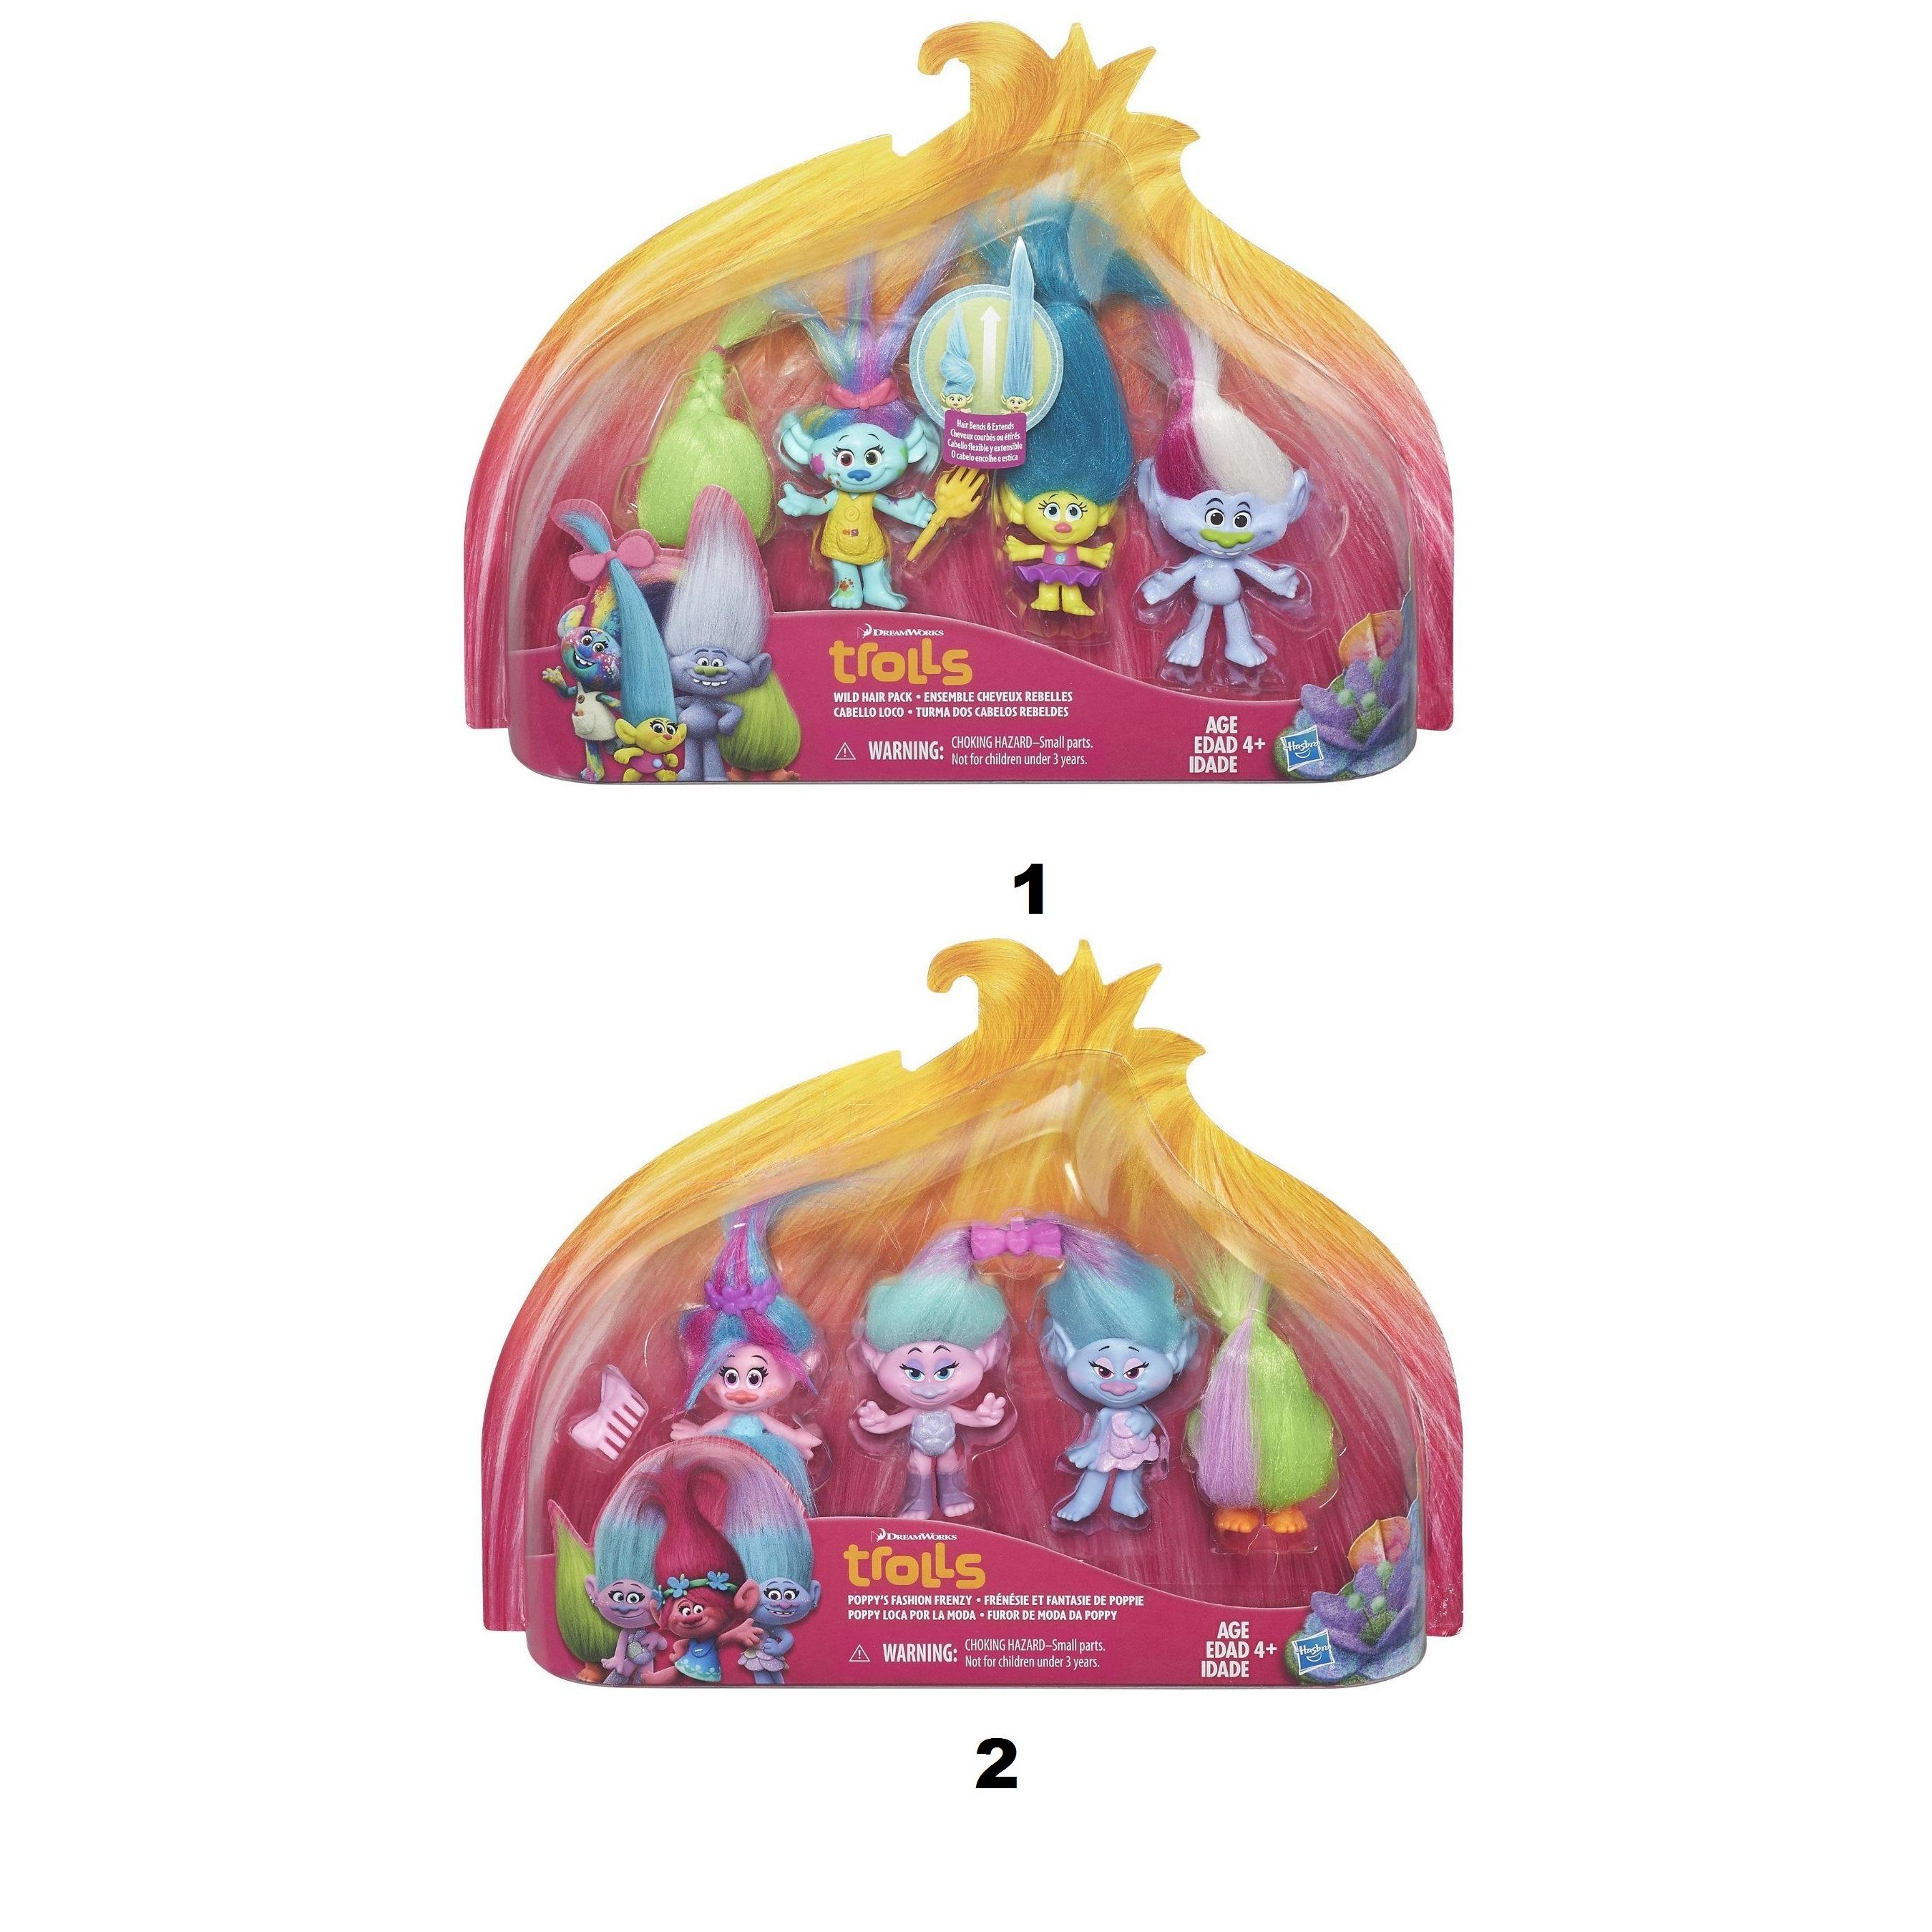 Игровой набор из 4 фигурок героев - ТроллиТролли игрушки<br>Игровой набор из 4 фигурок героев - Тролли<br>